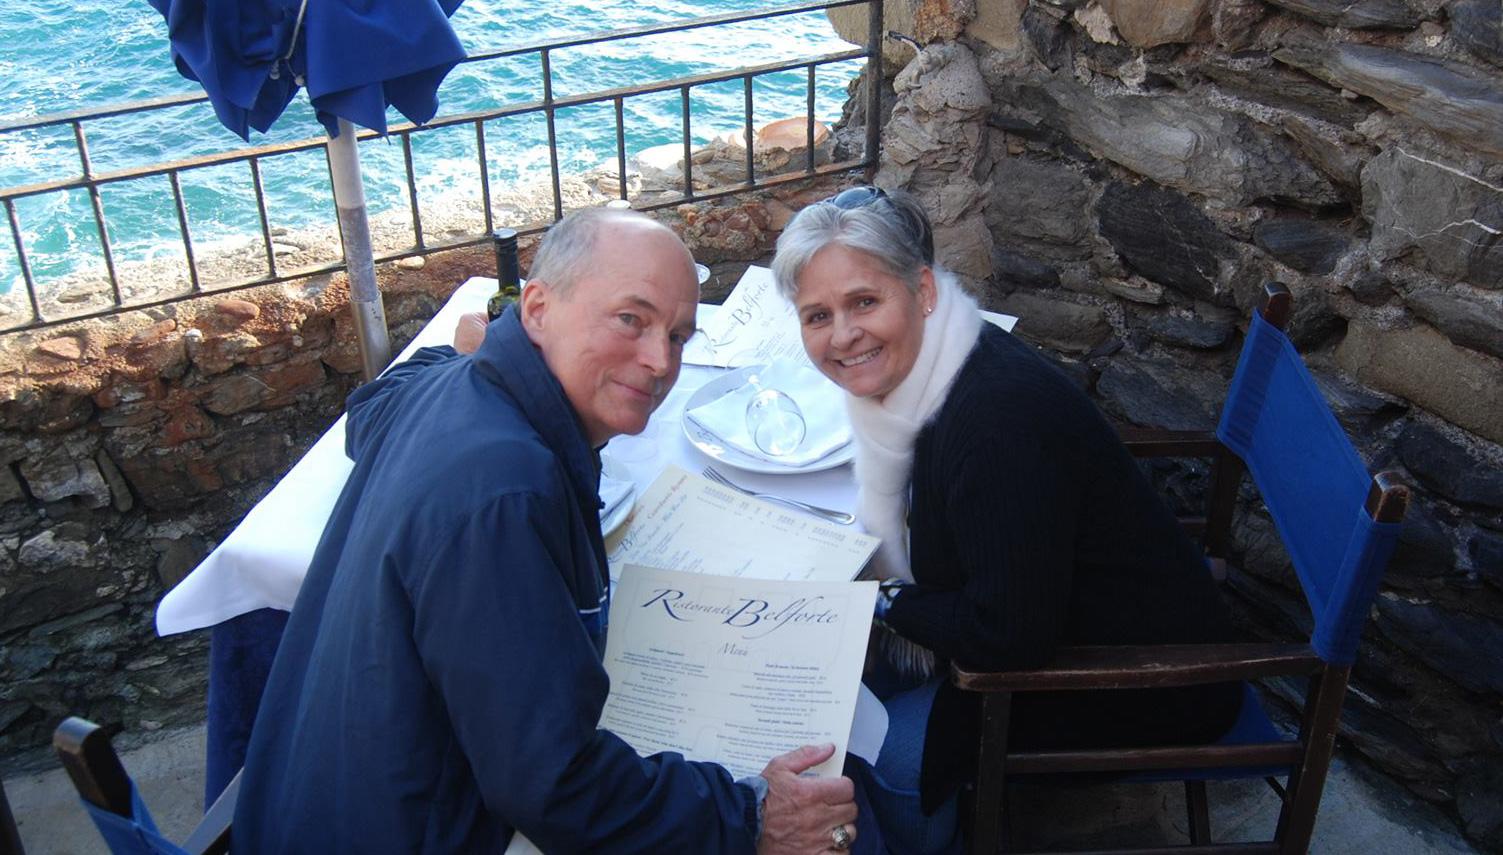 Al & Pam Bartschmid